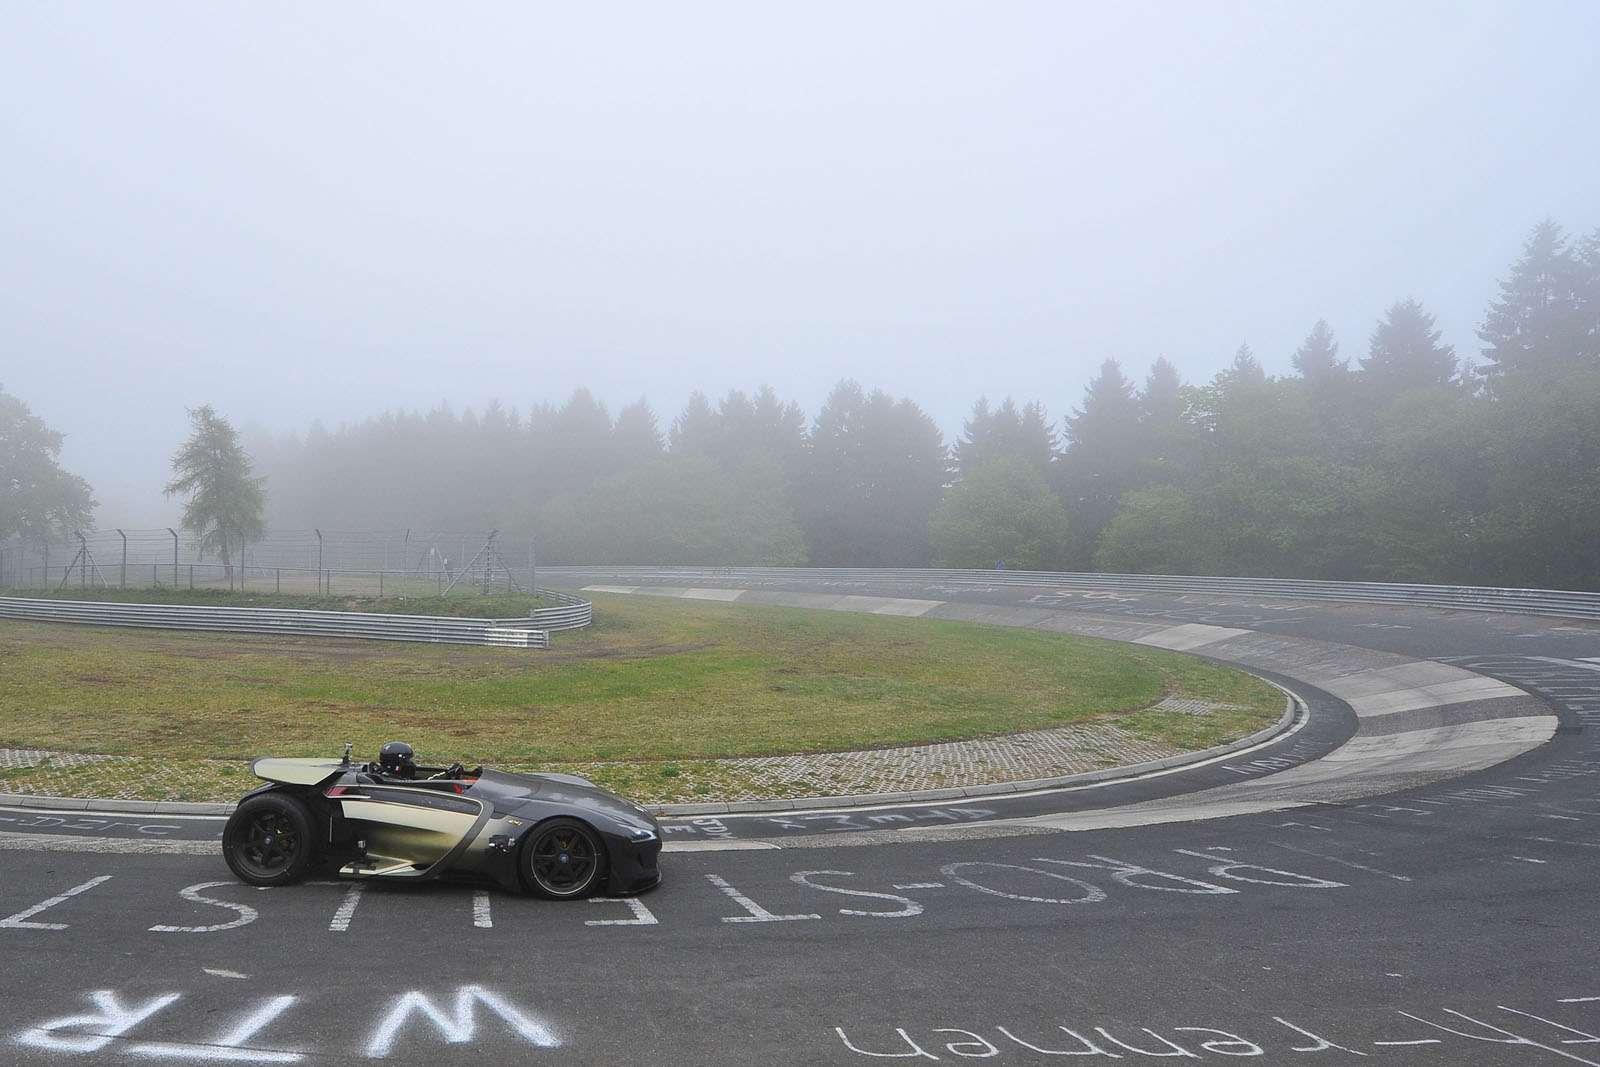 Peugeot-EX-1-Concept-Nurburgring-6